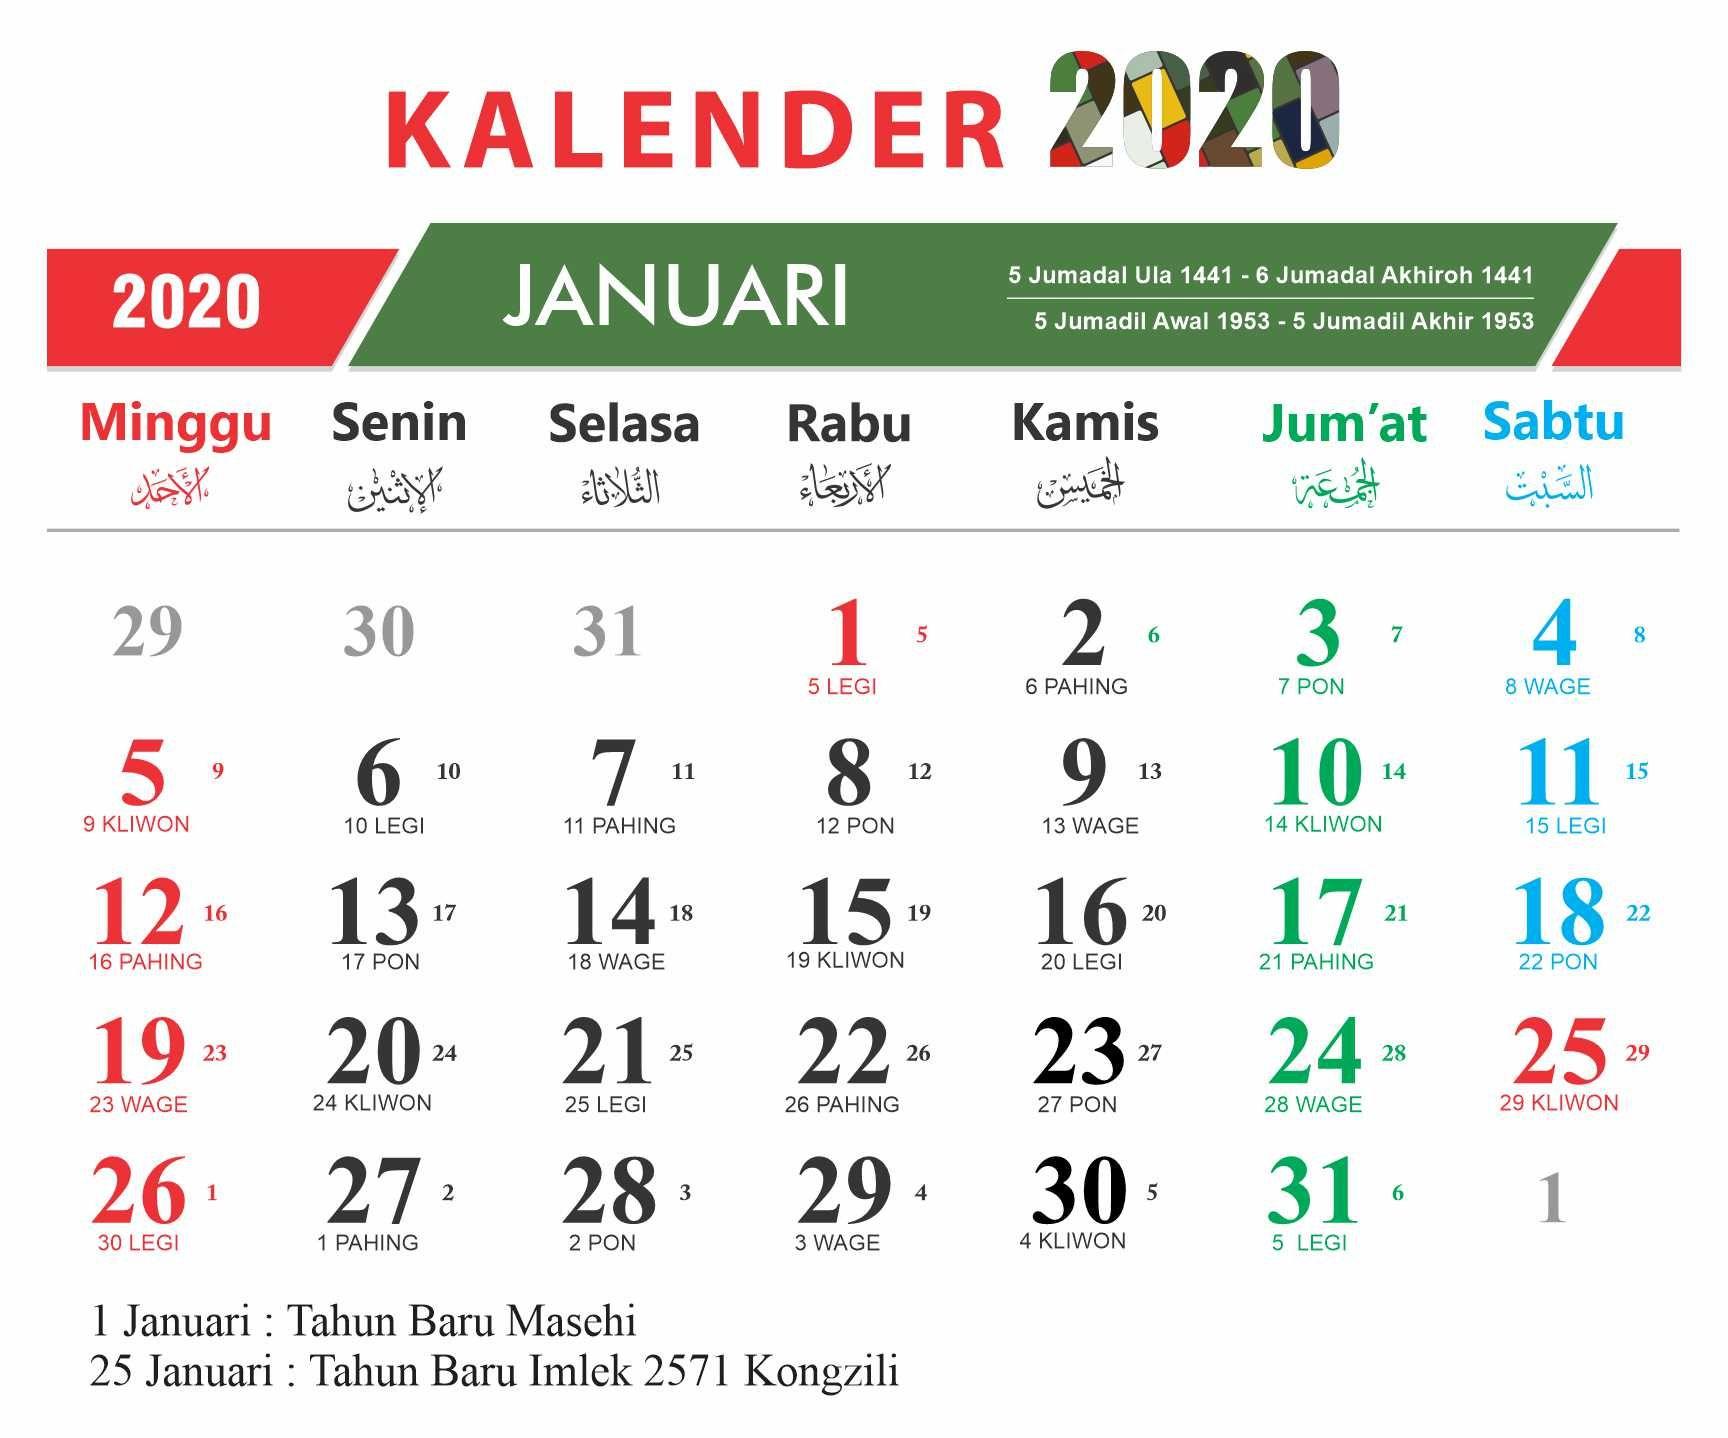 Desain Kalender Kalender Januari 2021 Indonesia / Kotak ...